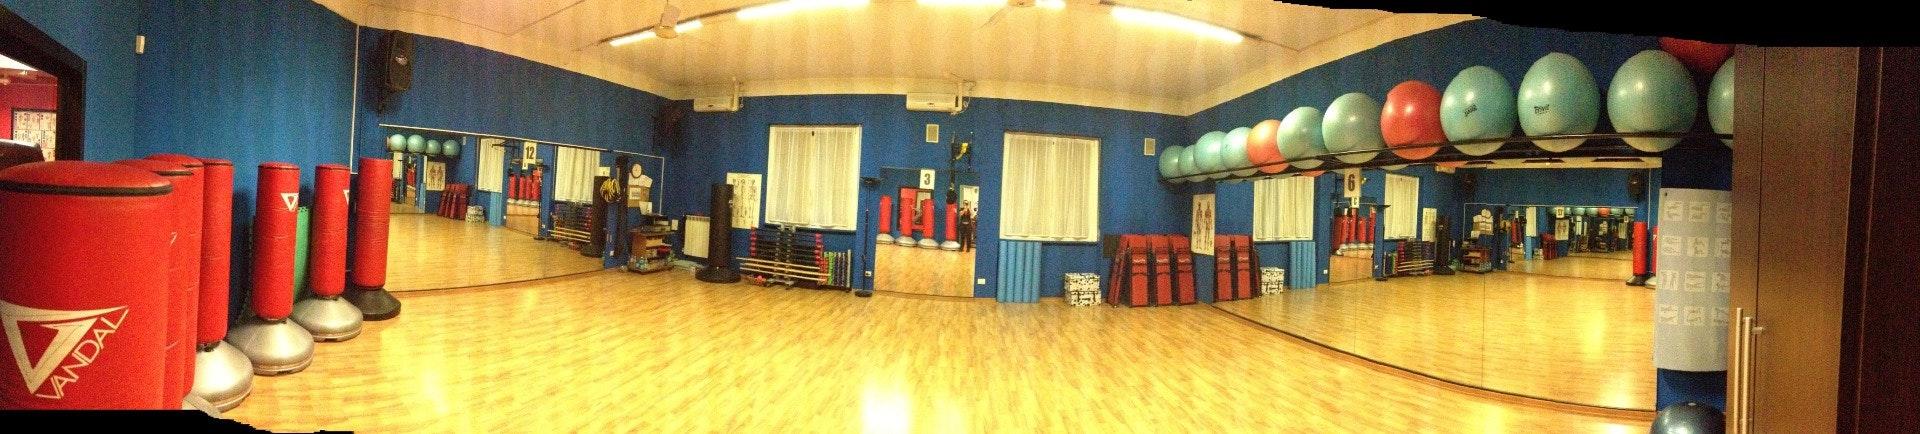 Foto 7 Offerta Gymnasium Belotti Bovisio Masciago {2}